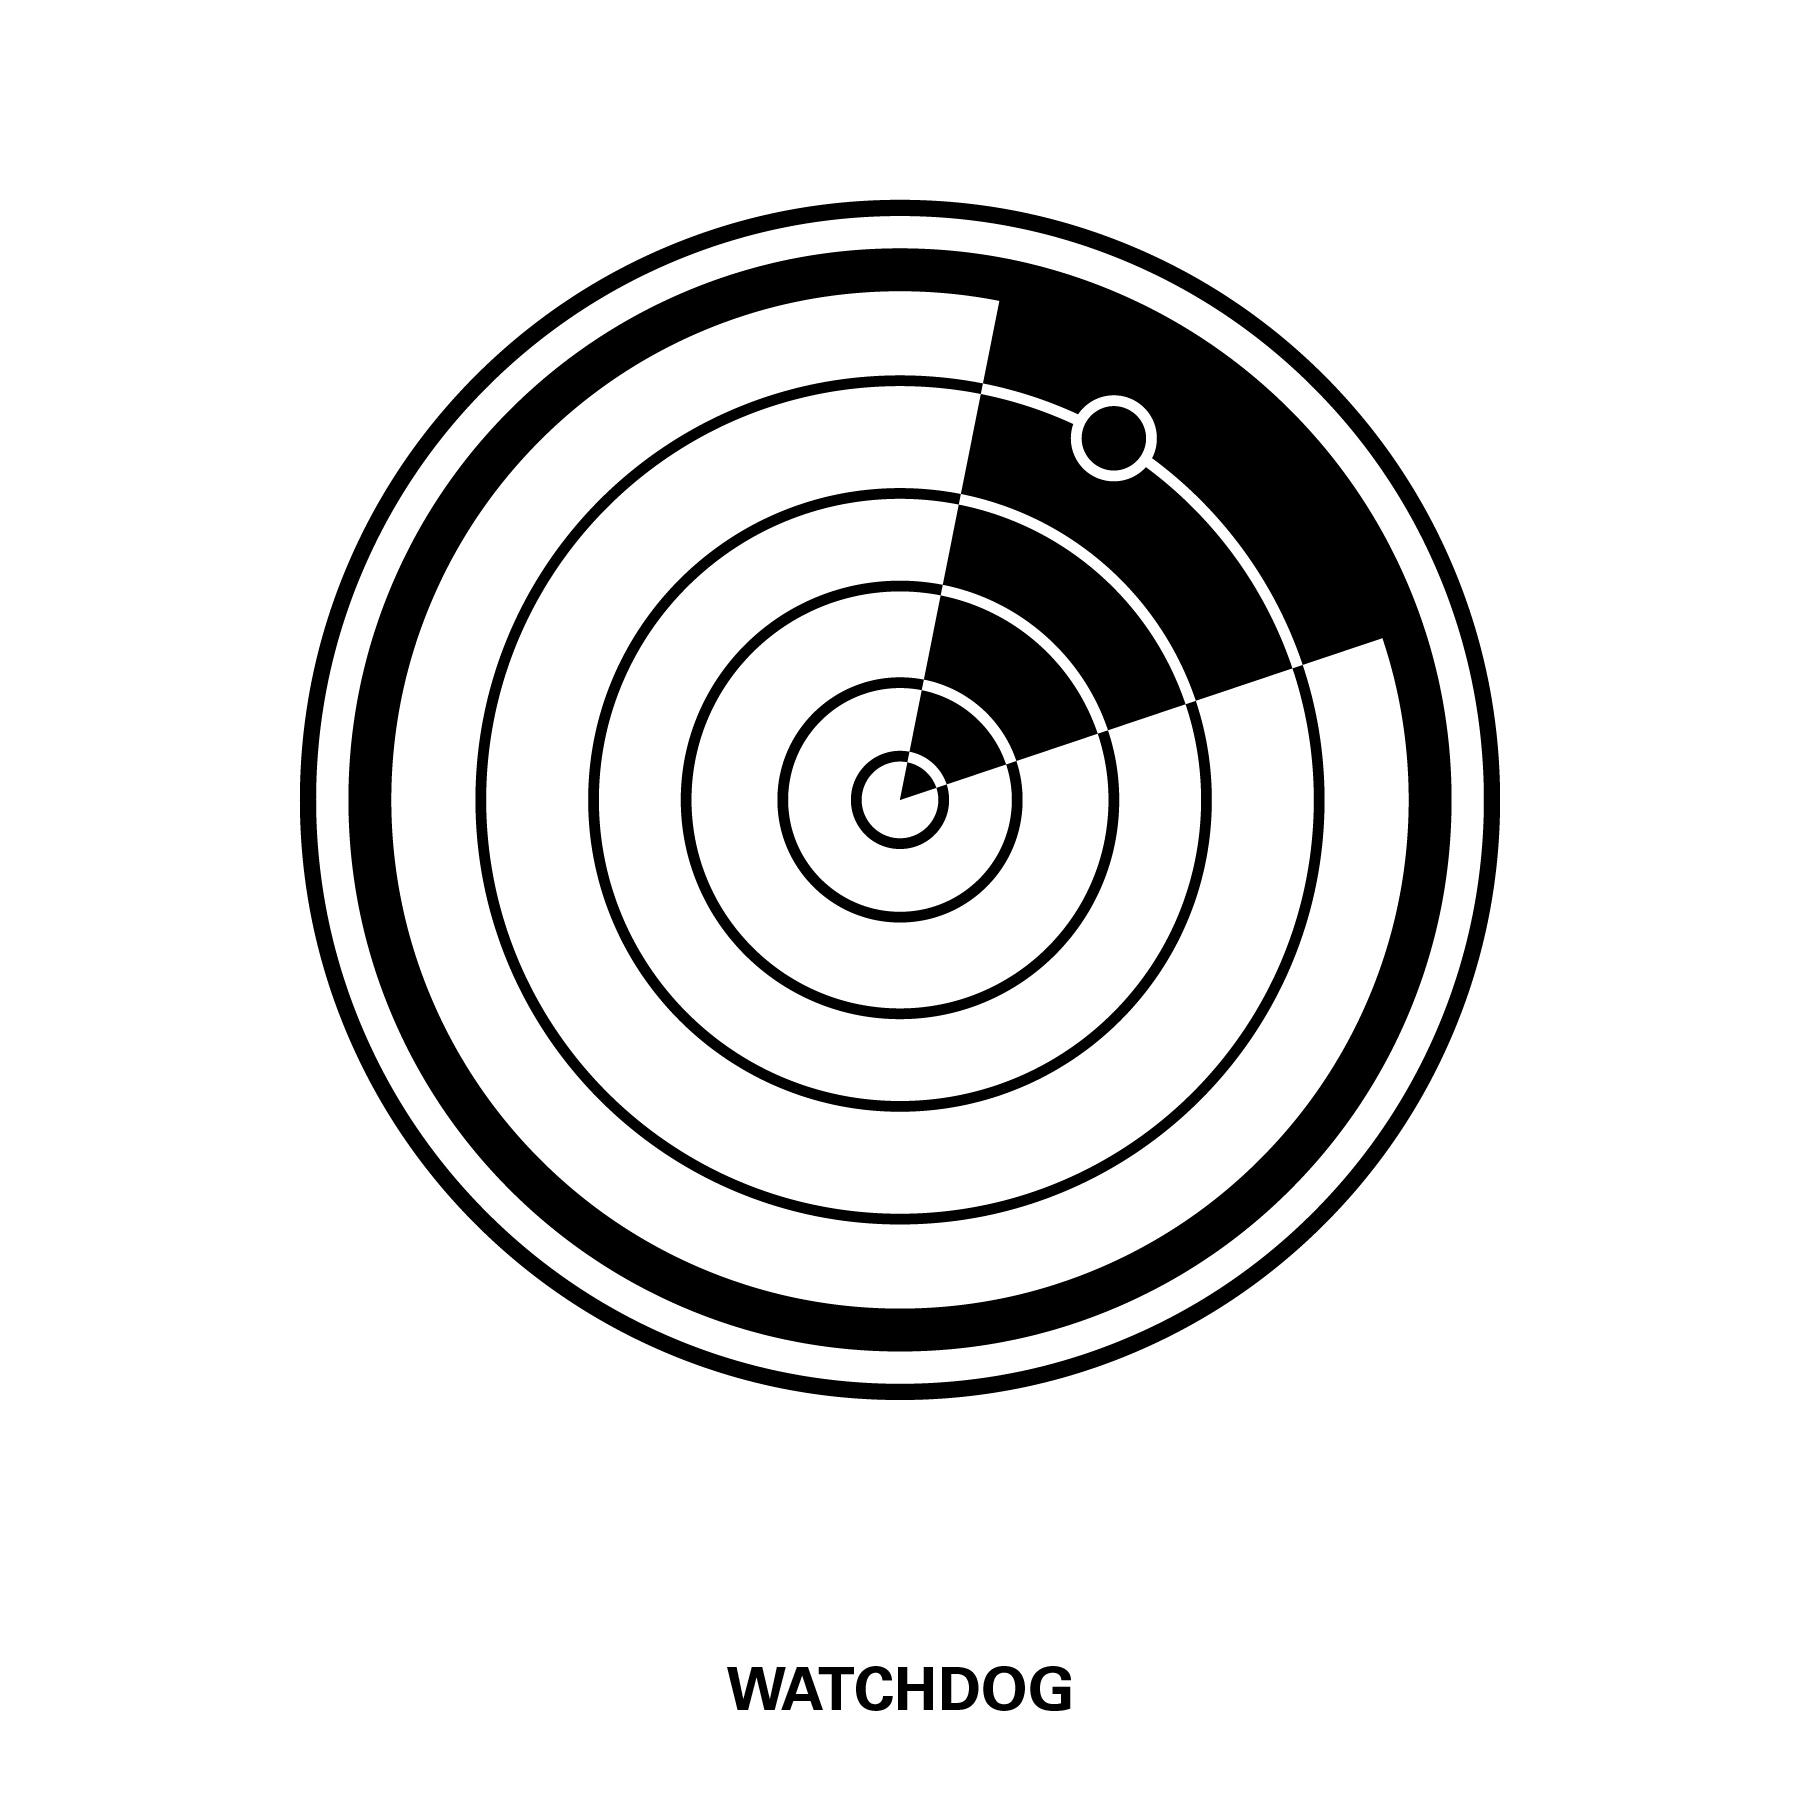 Watching You_Symbol_37.jpg